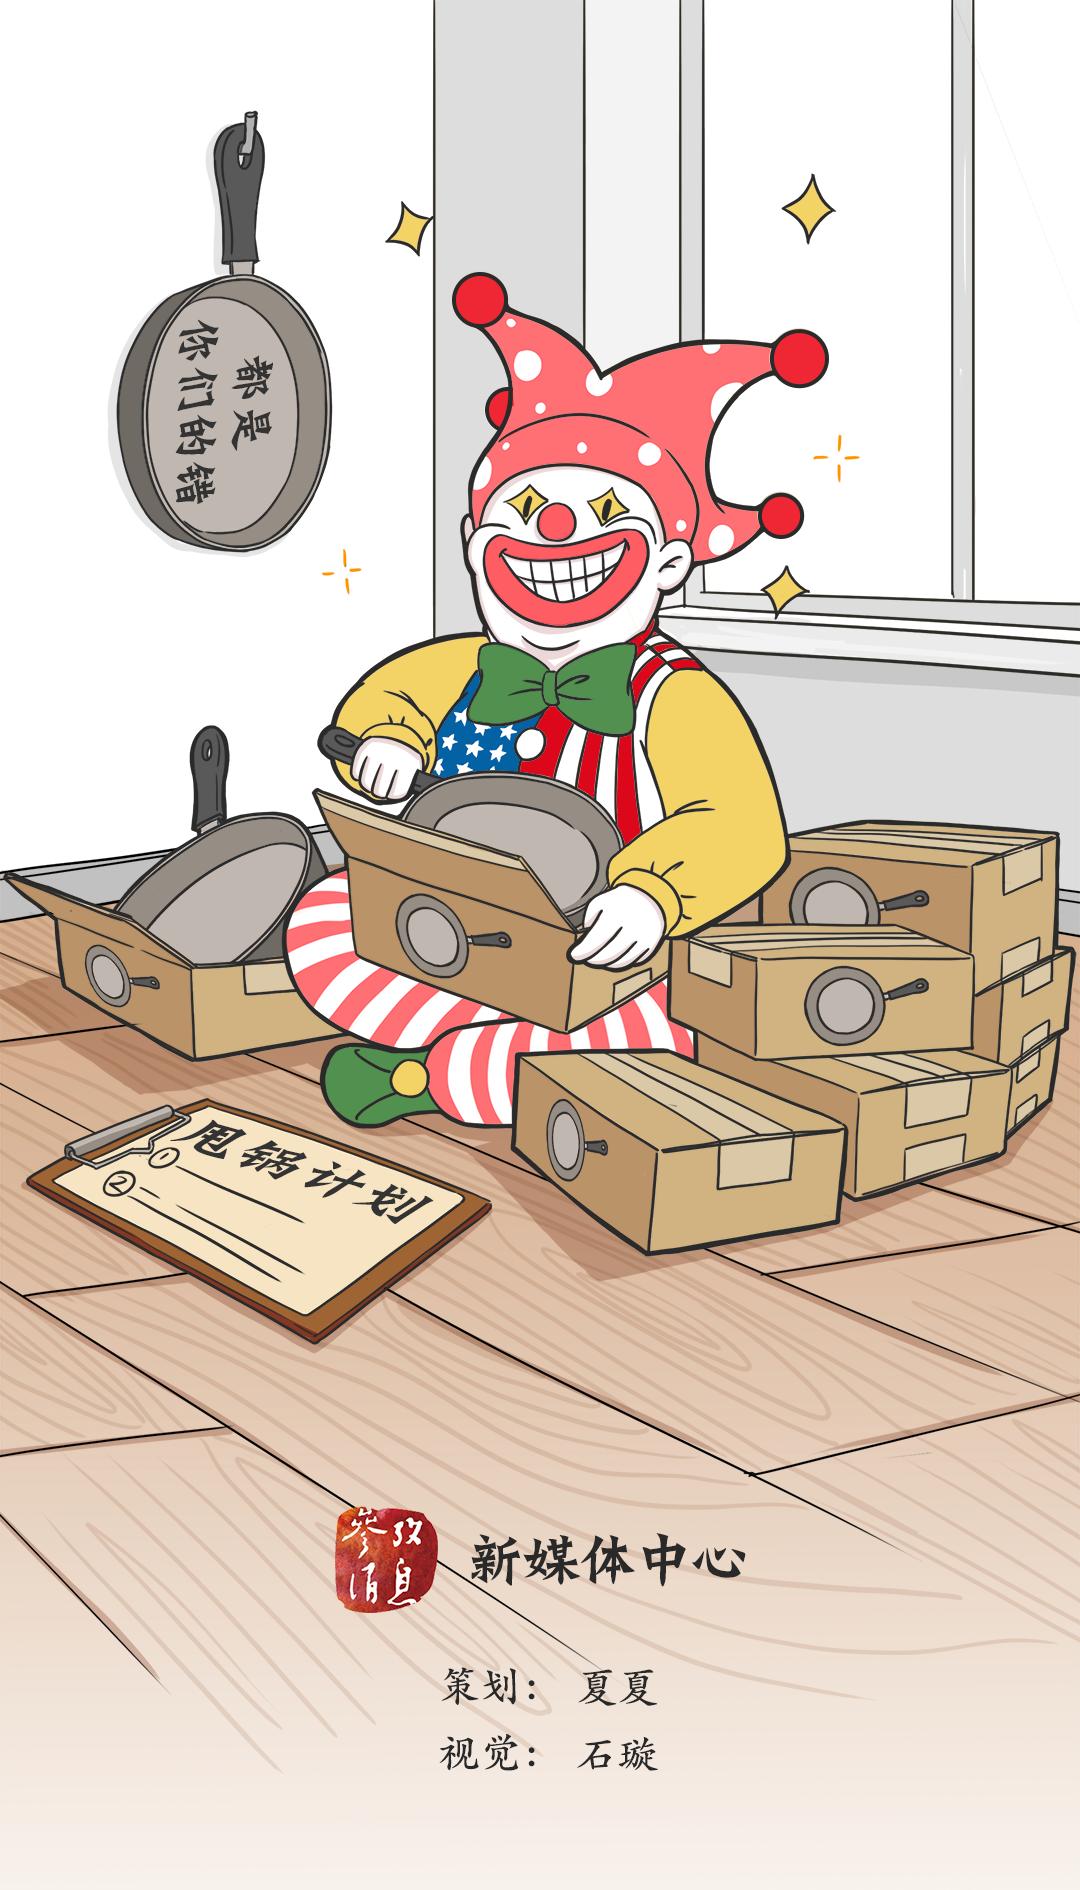 [天富]考快评造谣中国数据造假天富的把自己图片